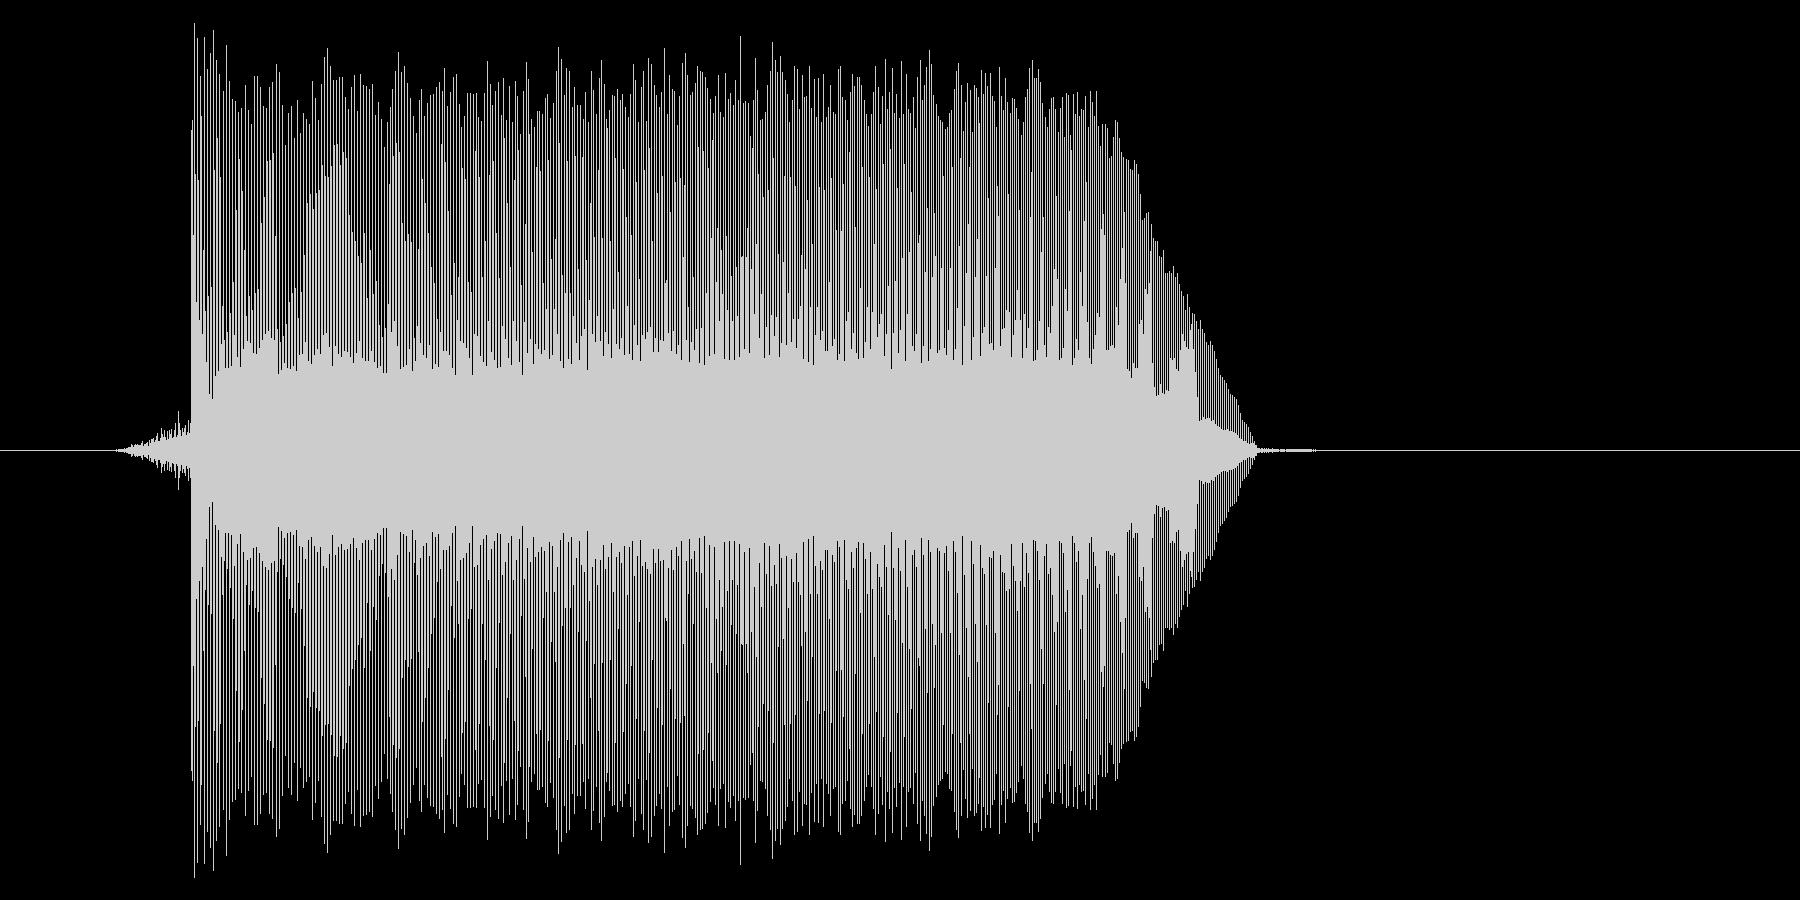 ゲーム(ファミコン風)ジャンプ音_024の未再生の波形